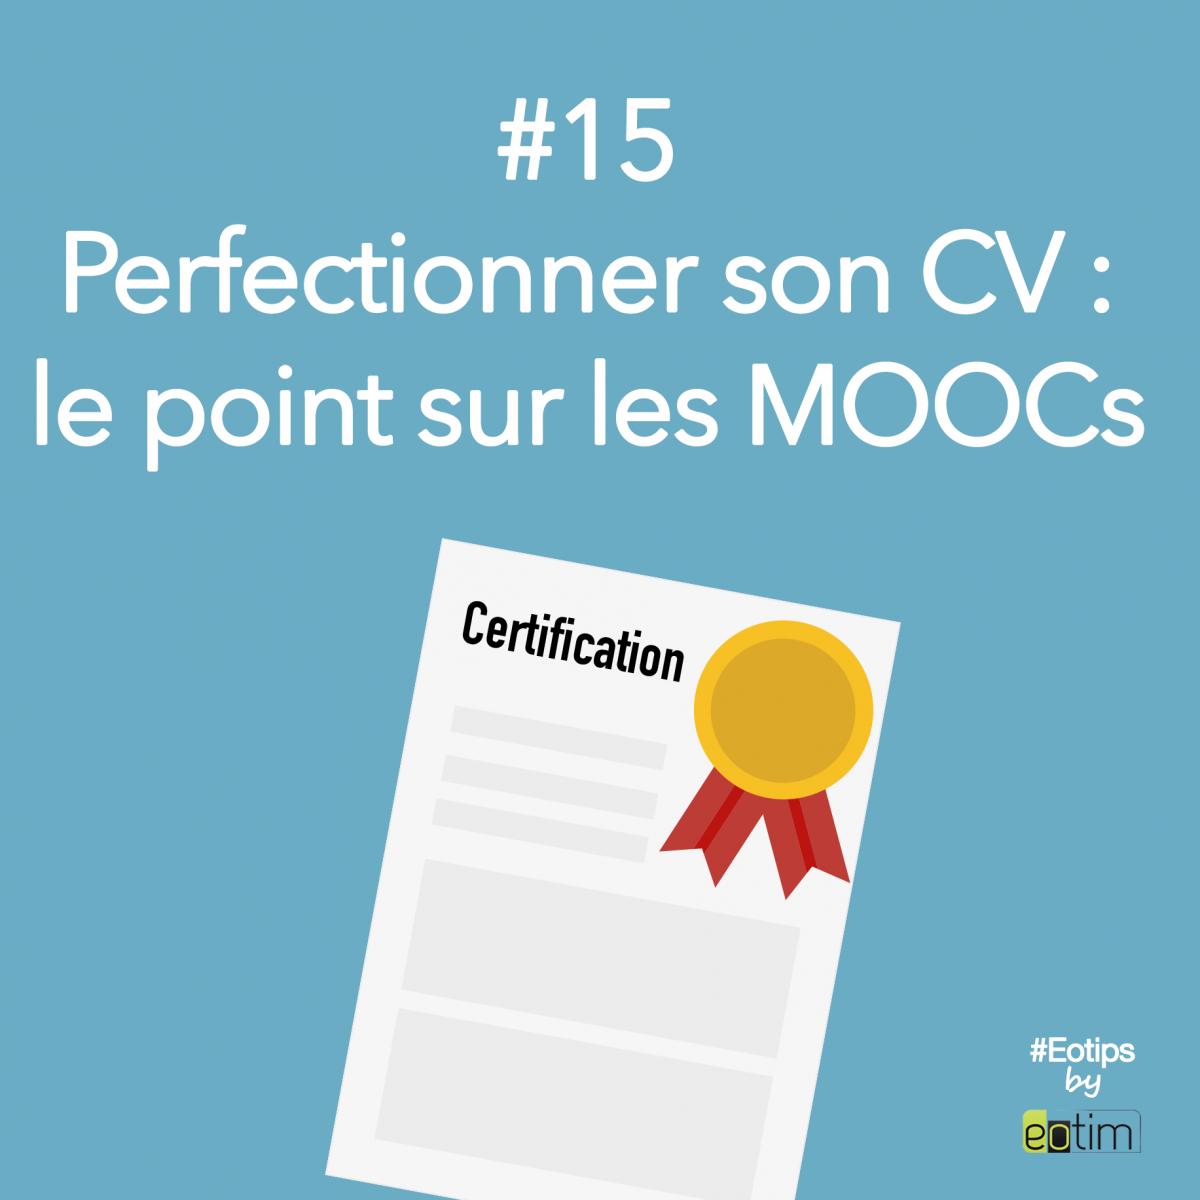 Eotips #15 : Perfectionner son CV : le point sur les MOOCs